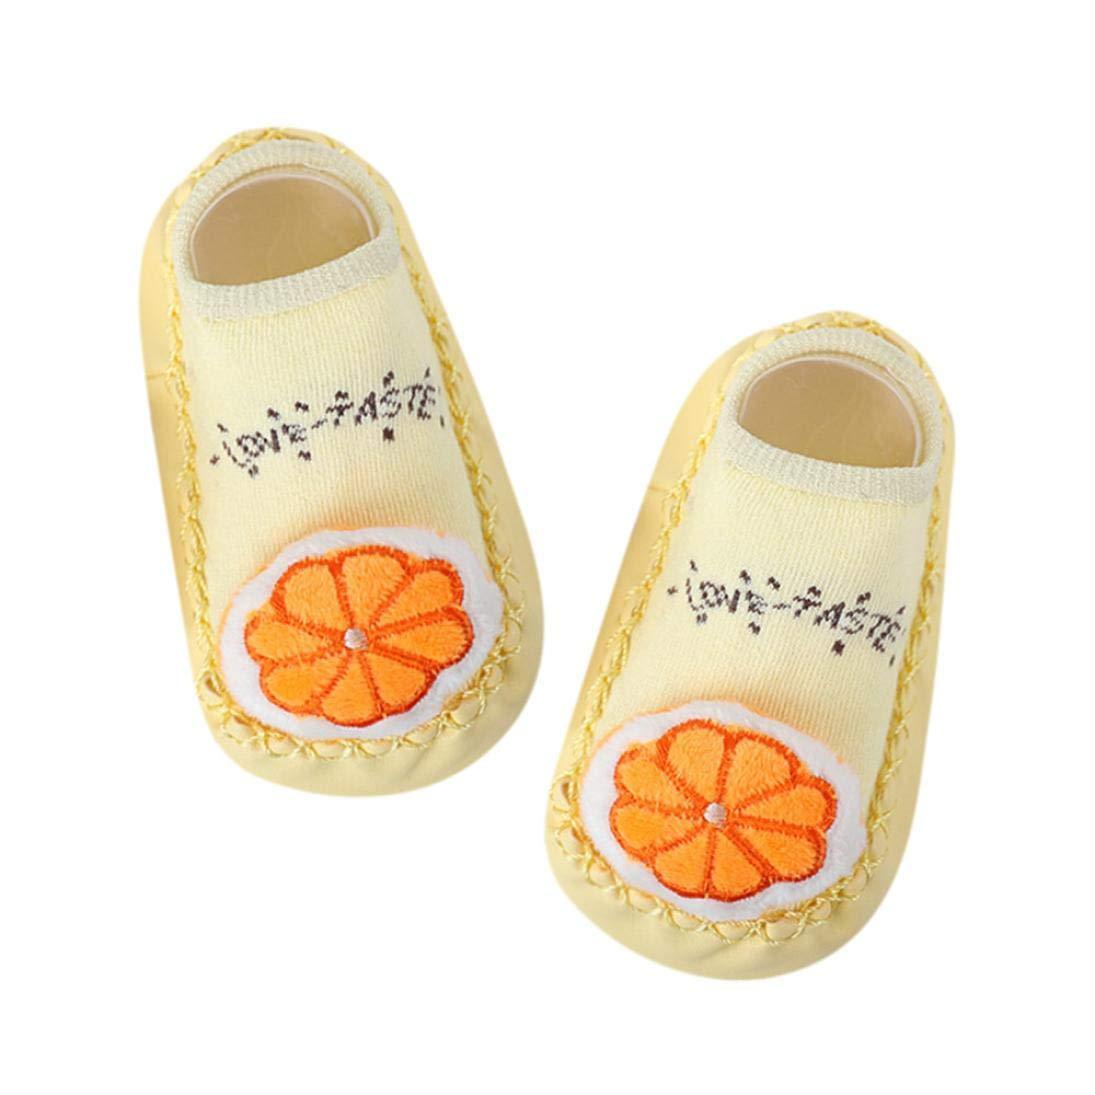 Sencillo Vida Calcetines Socks Antideslizantes de Bebe Recién Nacido Niñas Niños con Diseño Impreso de Fruta 1 Pares